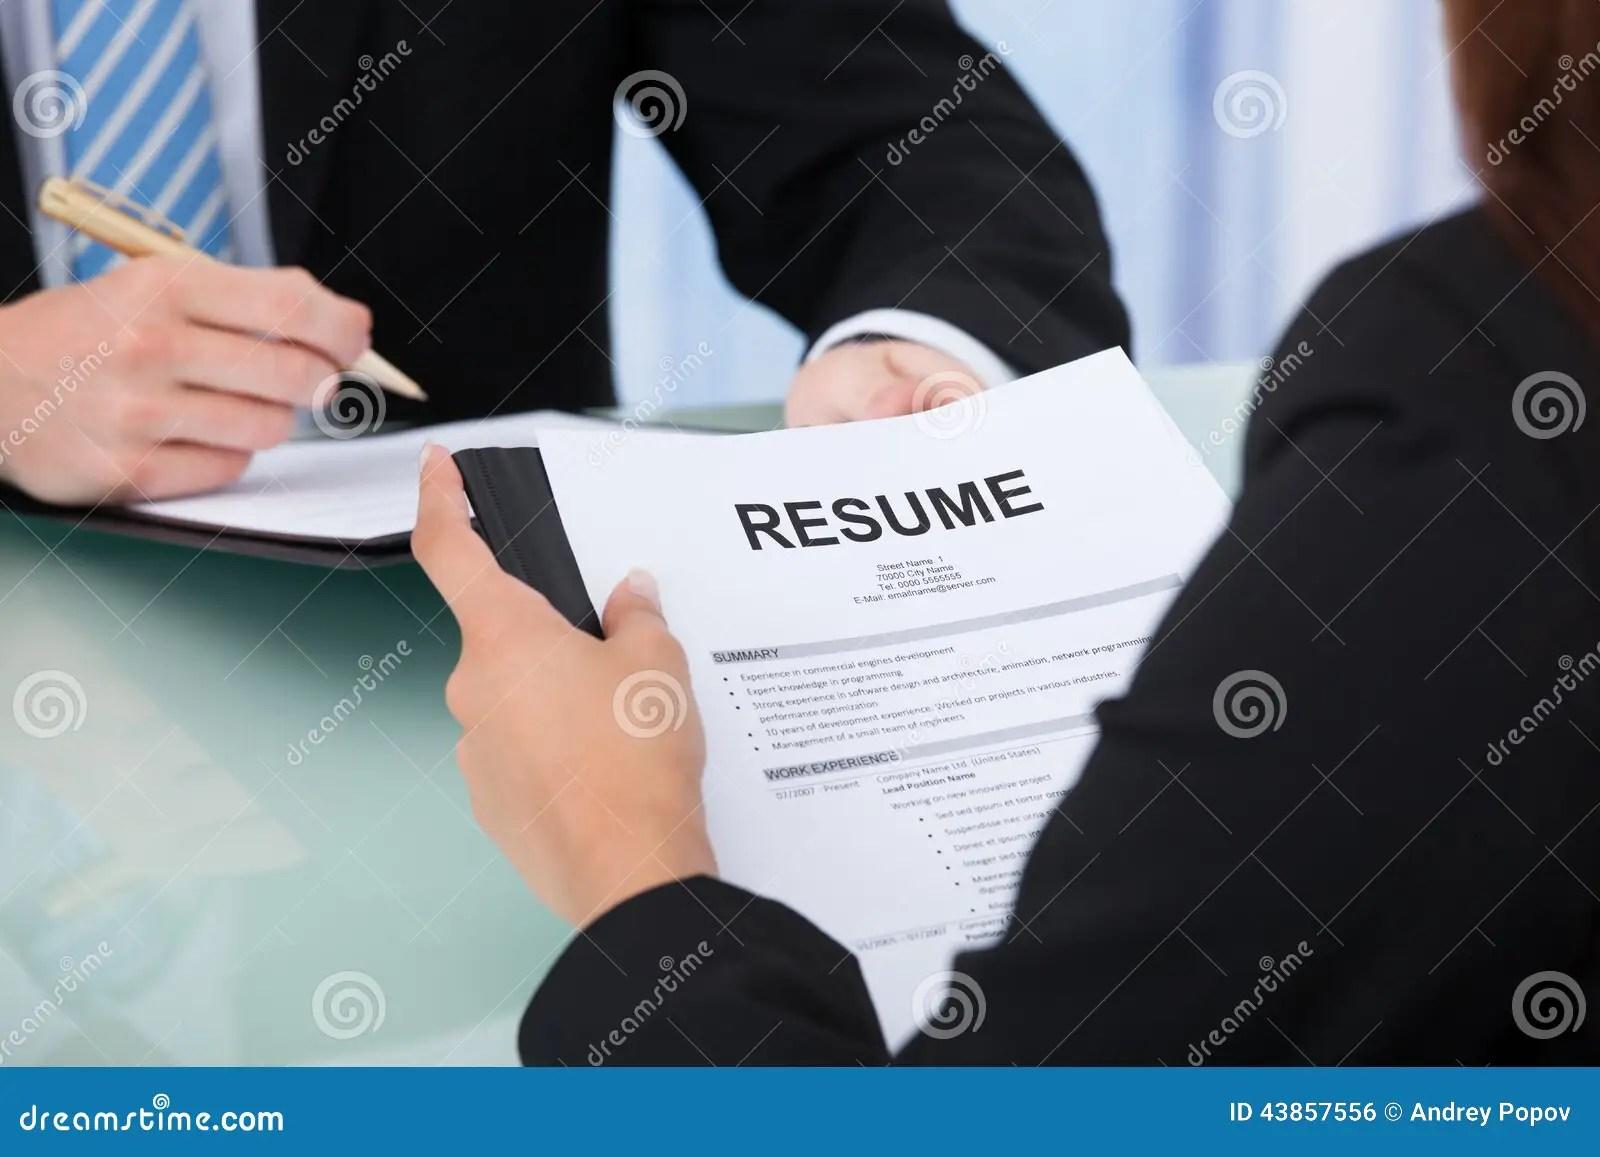 Female Candidate Holding Resume At Desk Stock Photo  Image 43857556